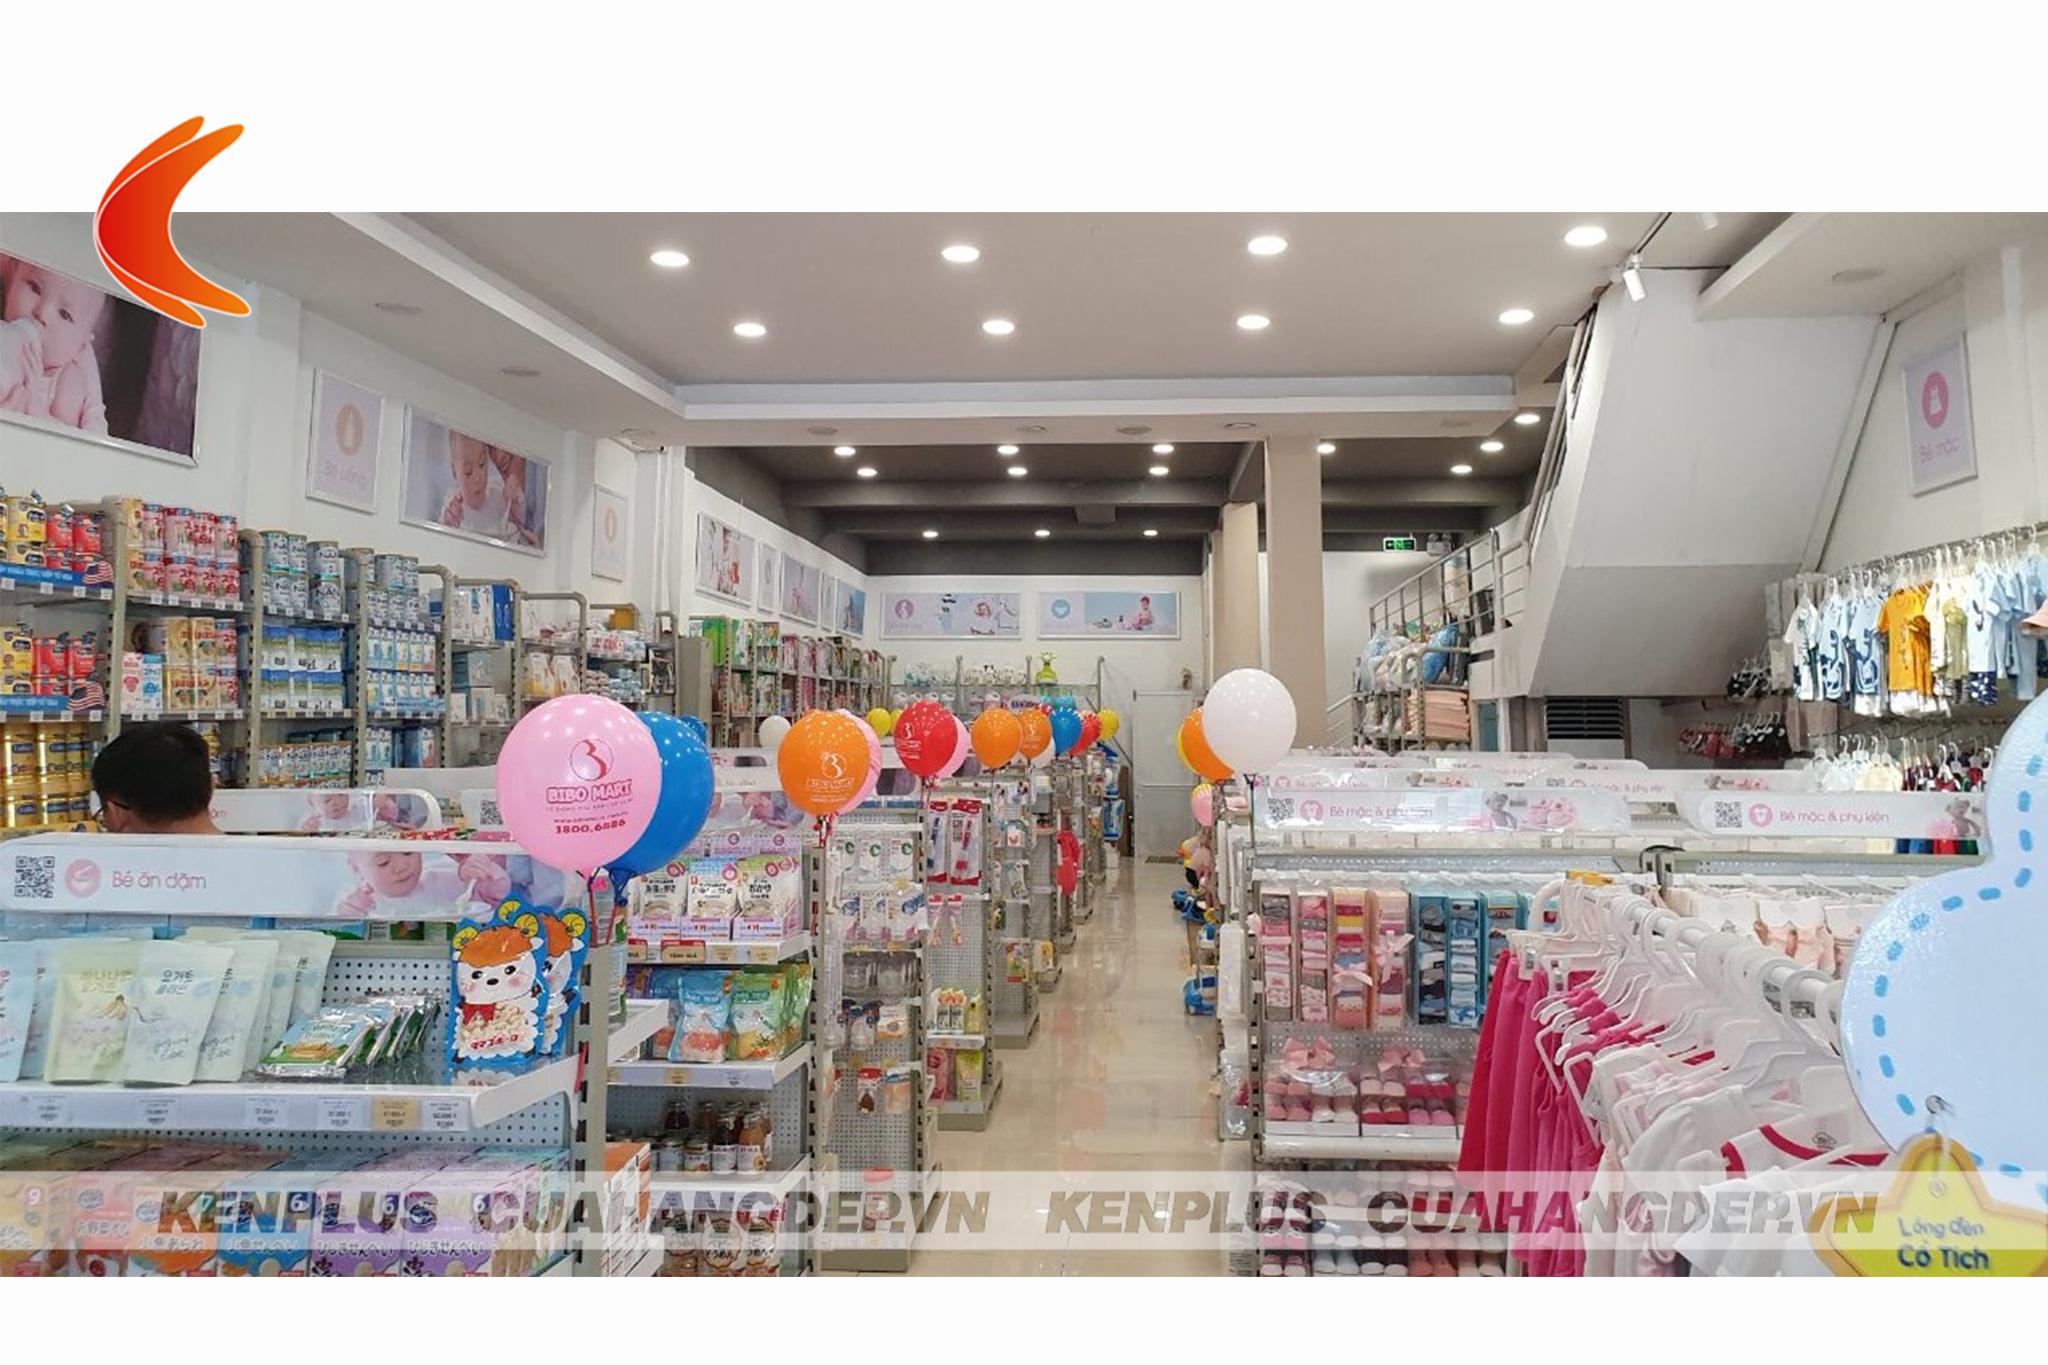 cách sắp xếp cửa hàng mẹ và bé 4